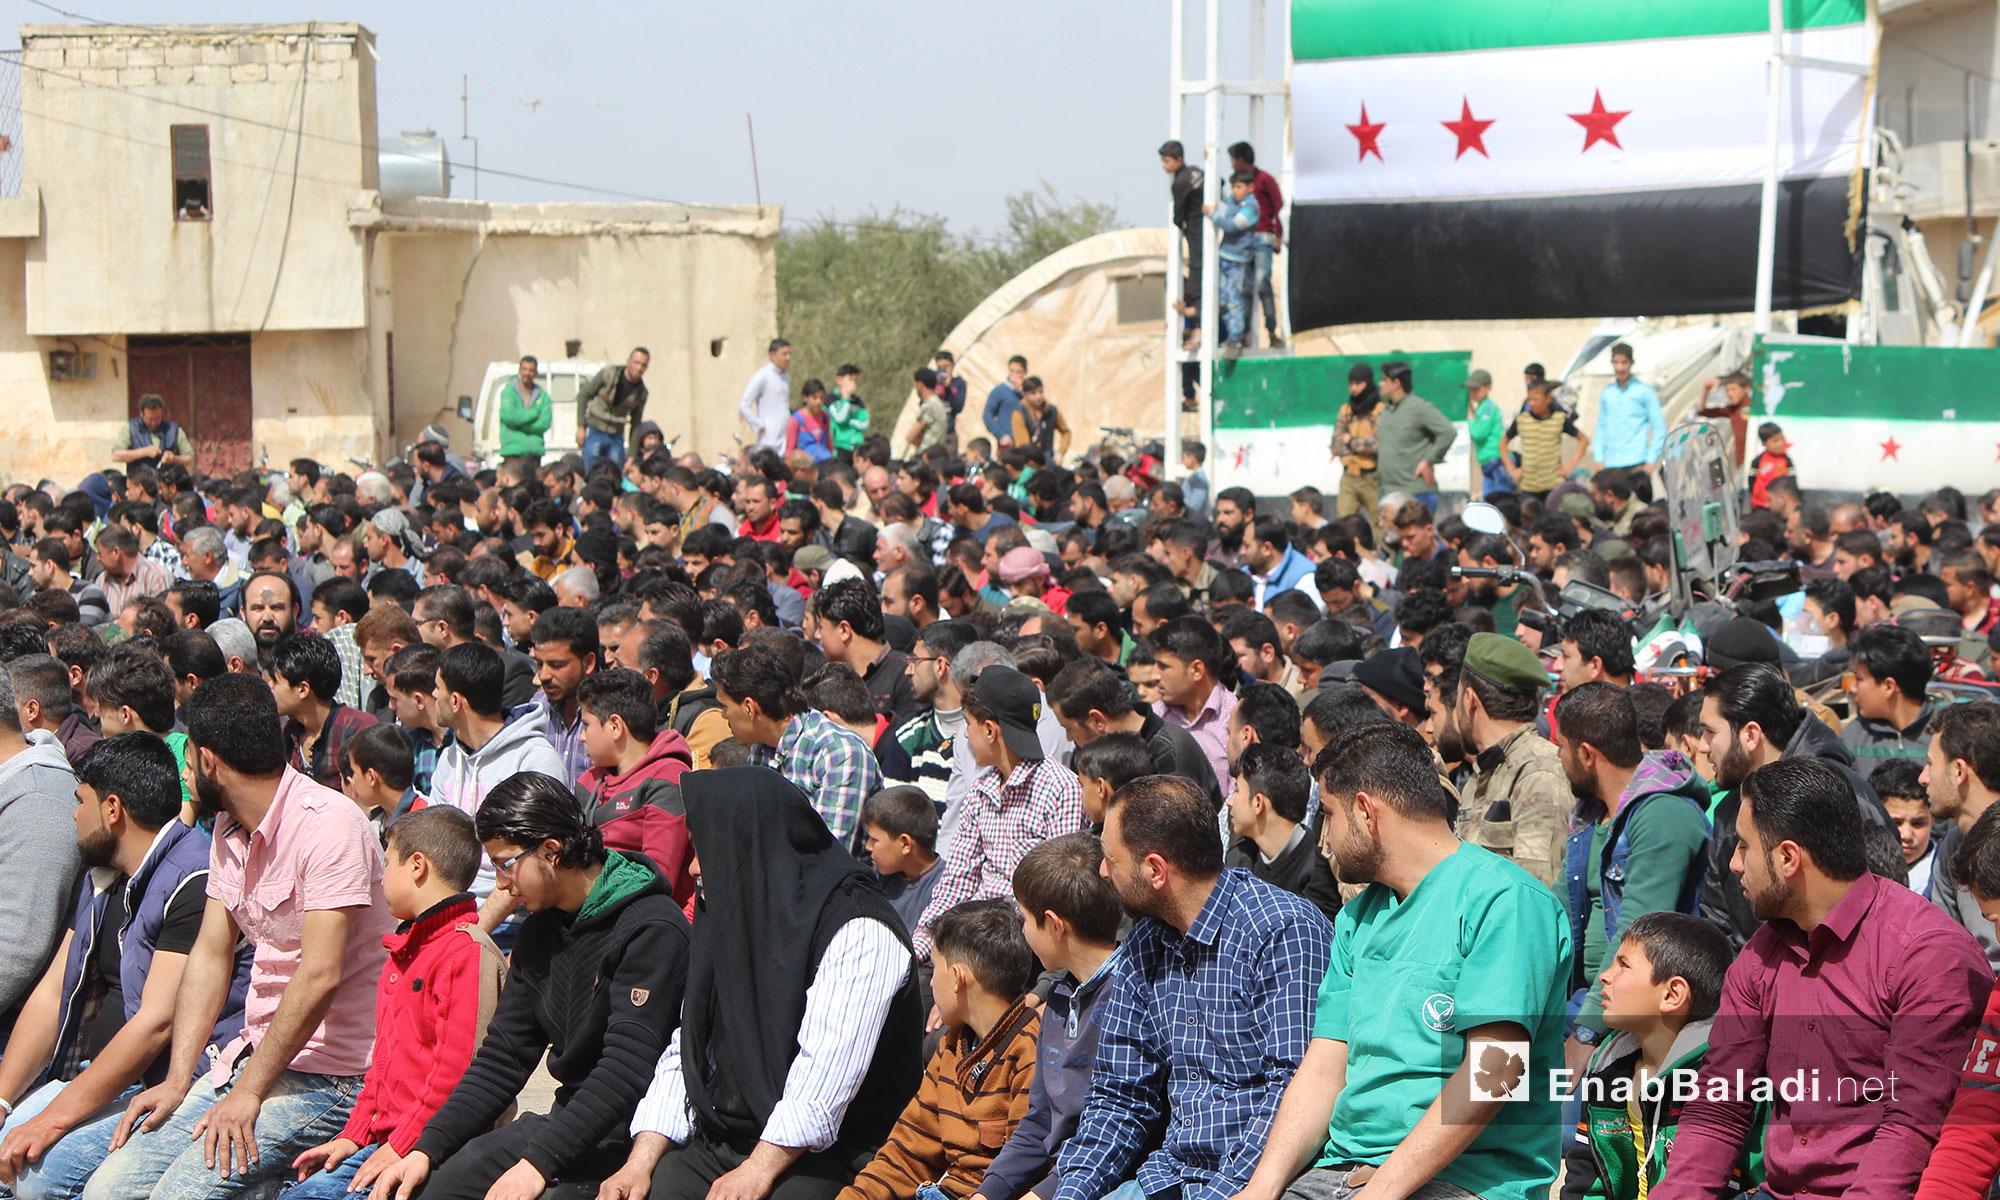 آلاف المدنيين يعتصمون على معبر باب السلامة شمالي حلب للتحرك نحو تل رفعت - 23 آذار 2018 (عنب بلدي)